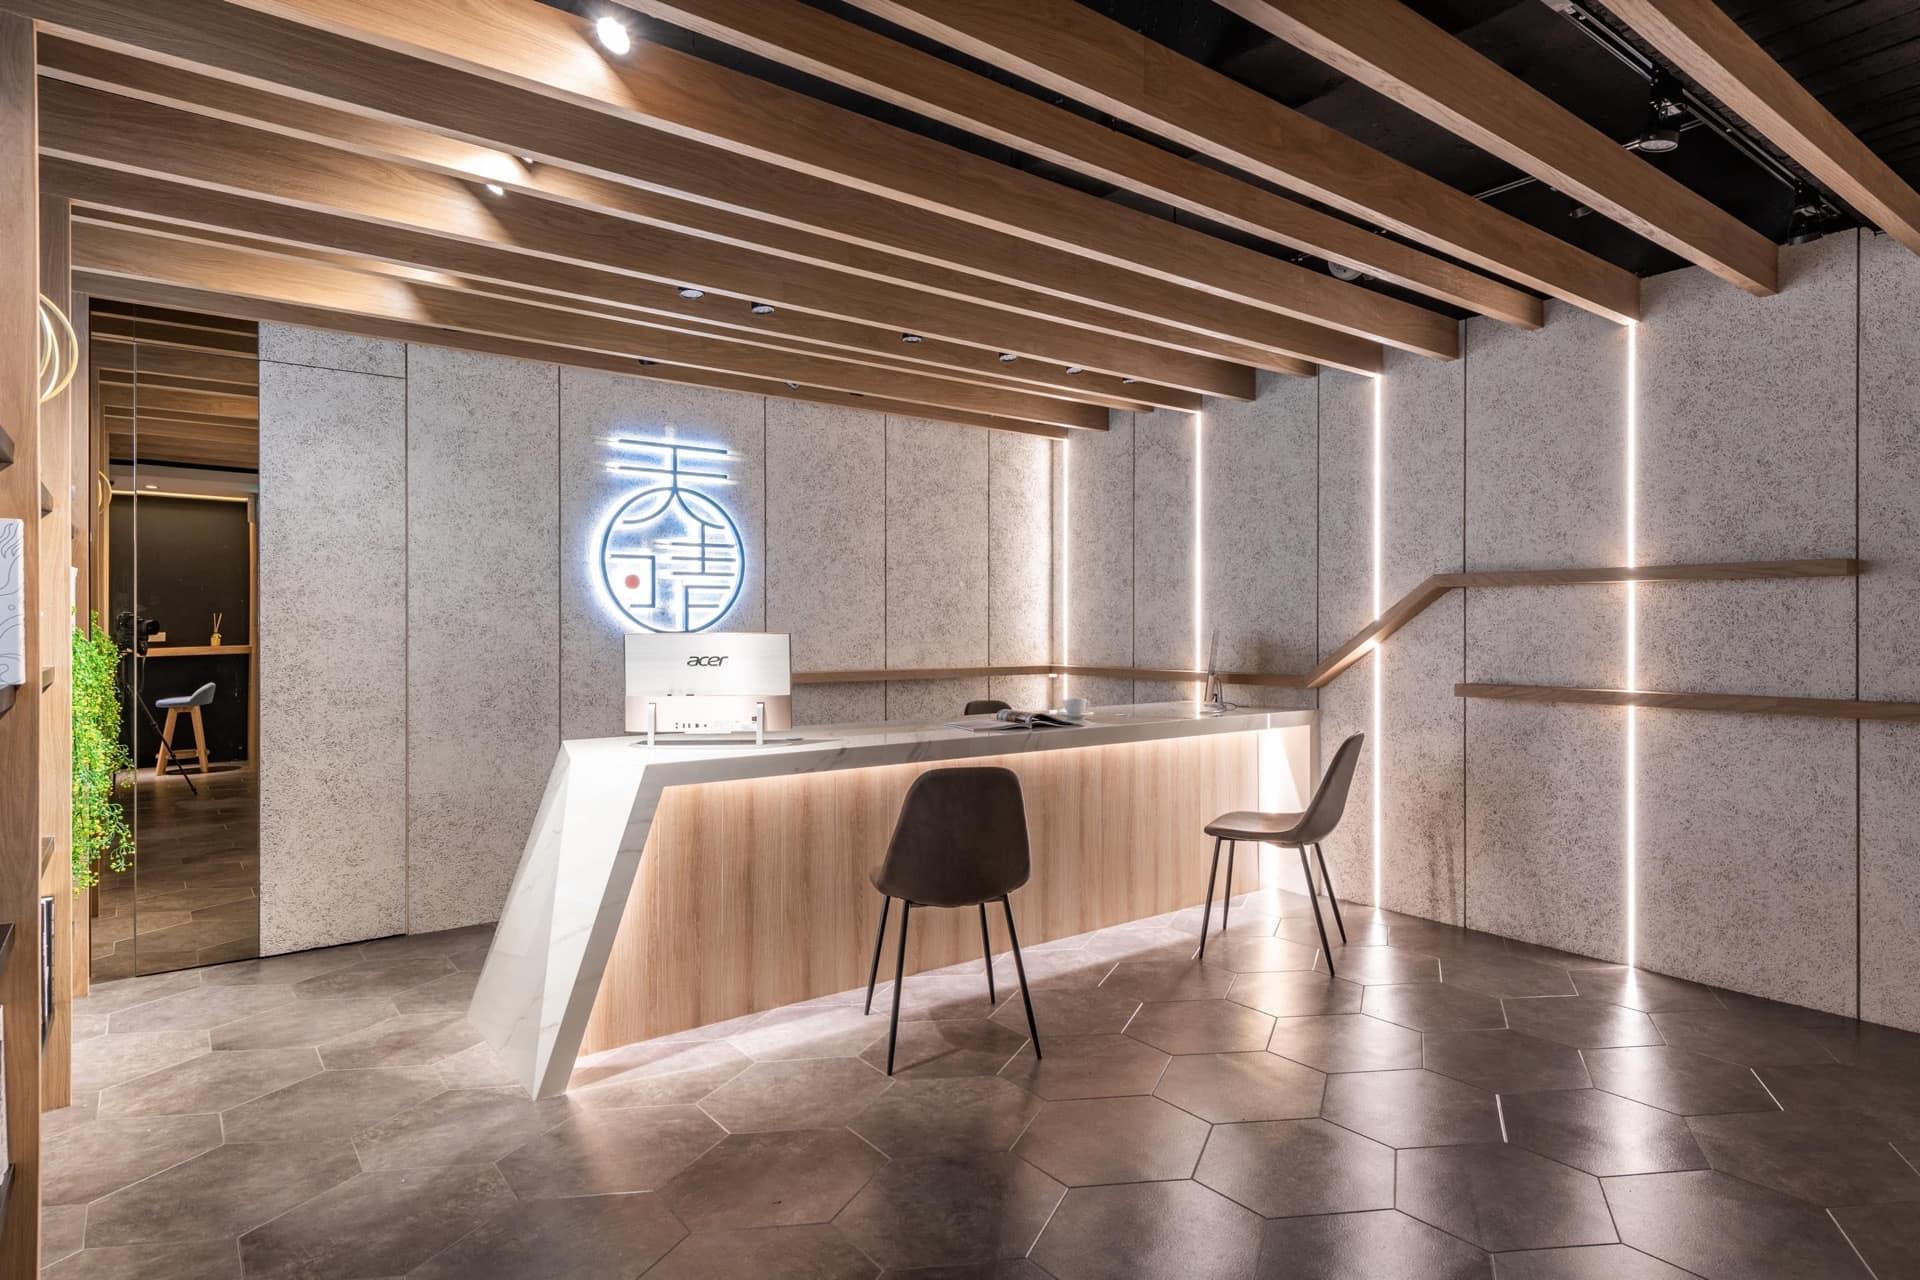 接待櫃檯兩側以 LED 燈條裝飾,並透過水平線條、鏡子,增加空間的視覺延伸感